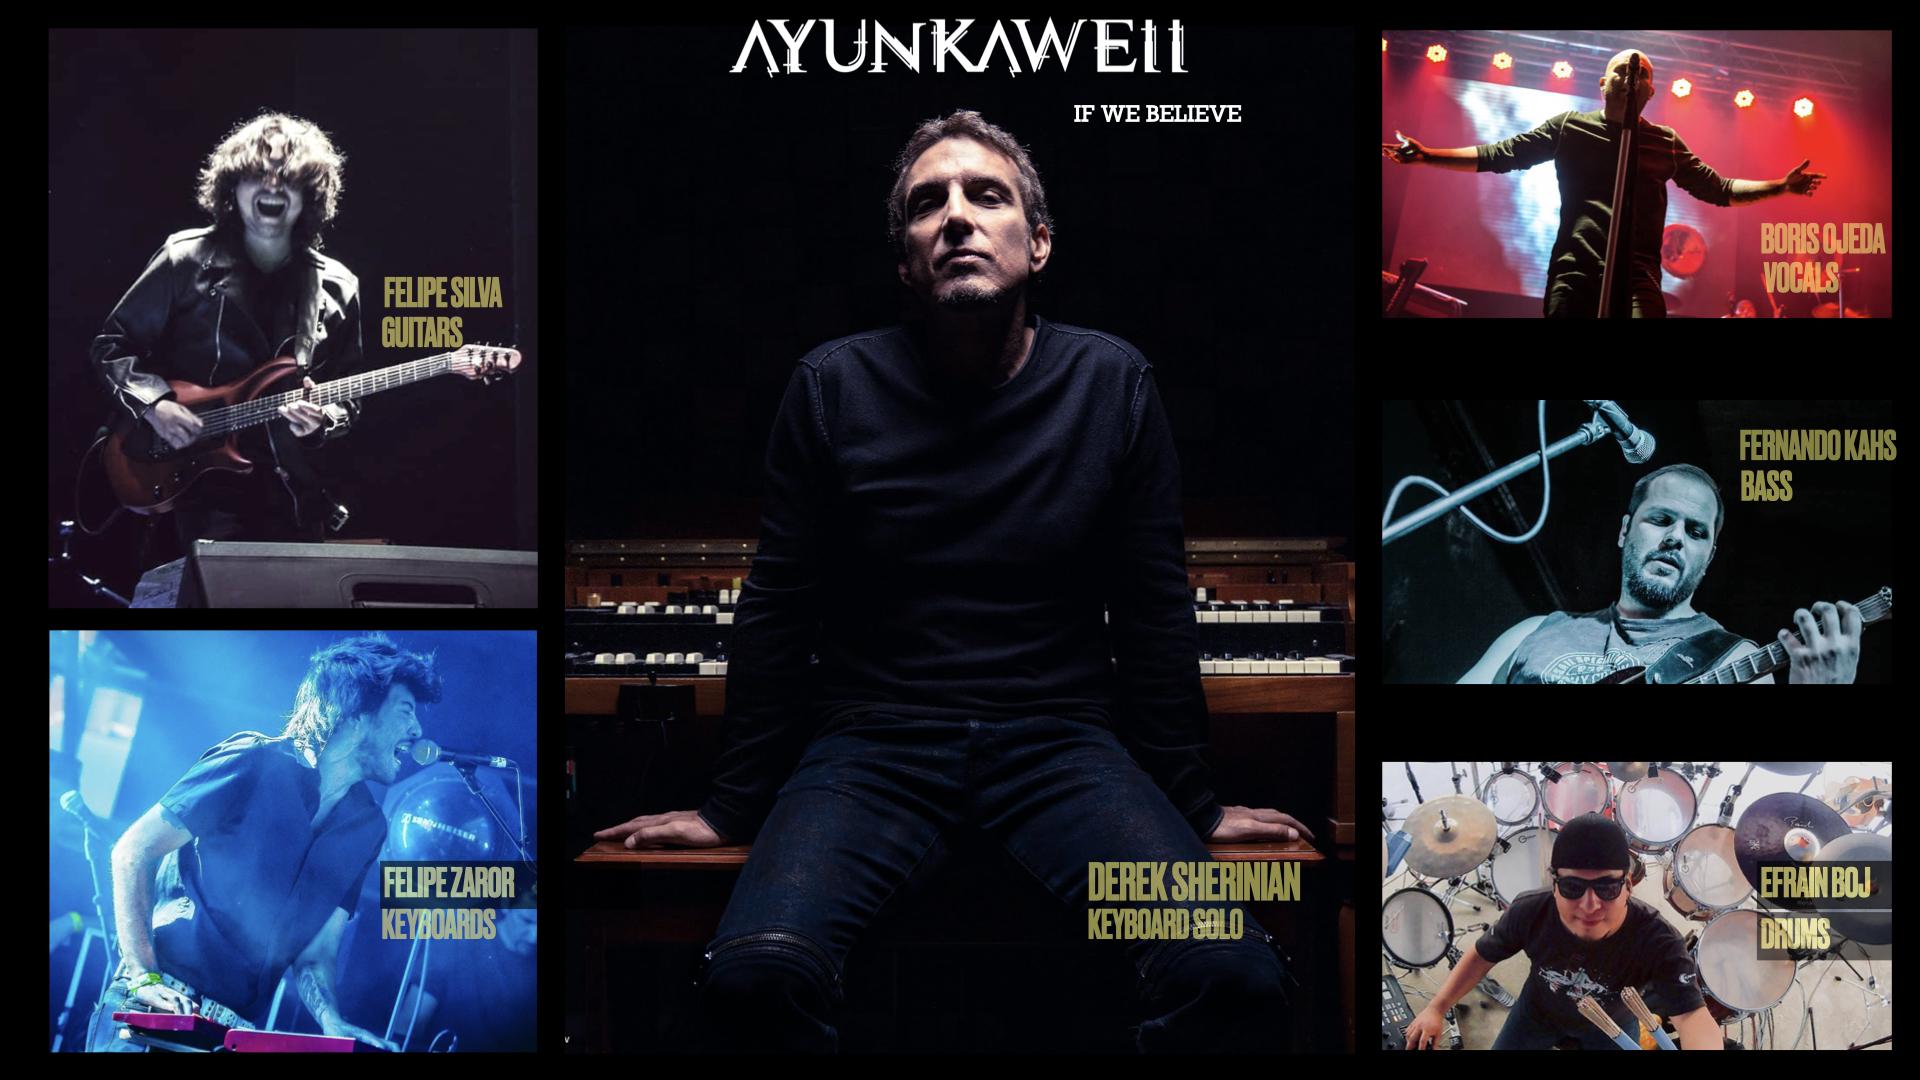 Ayunkawell primer single